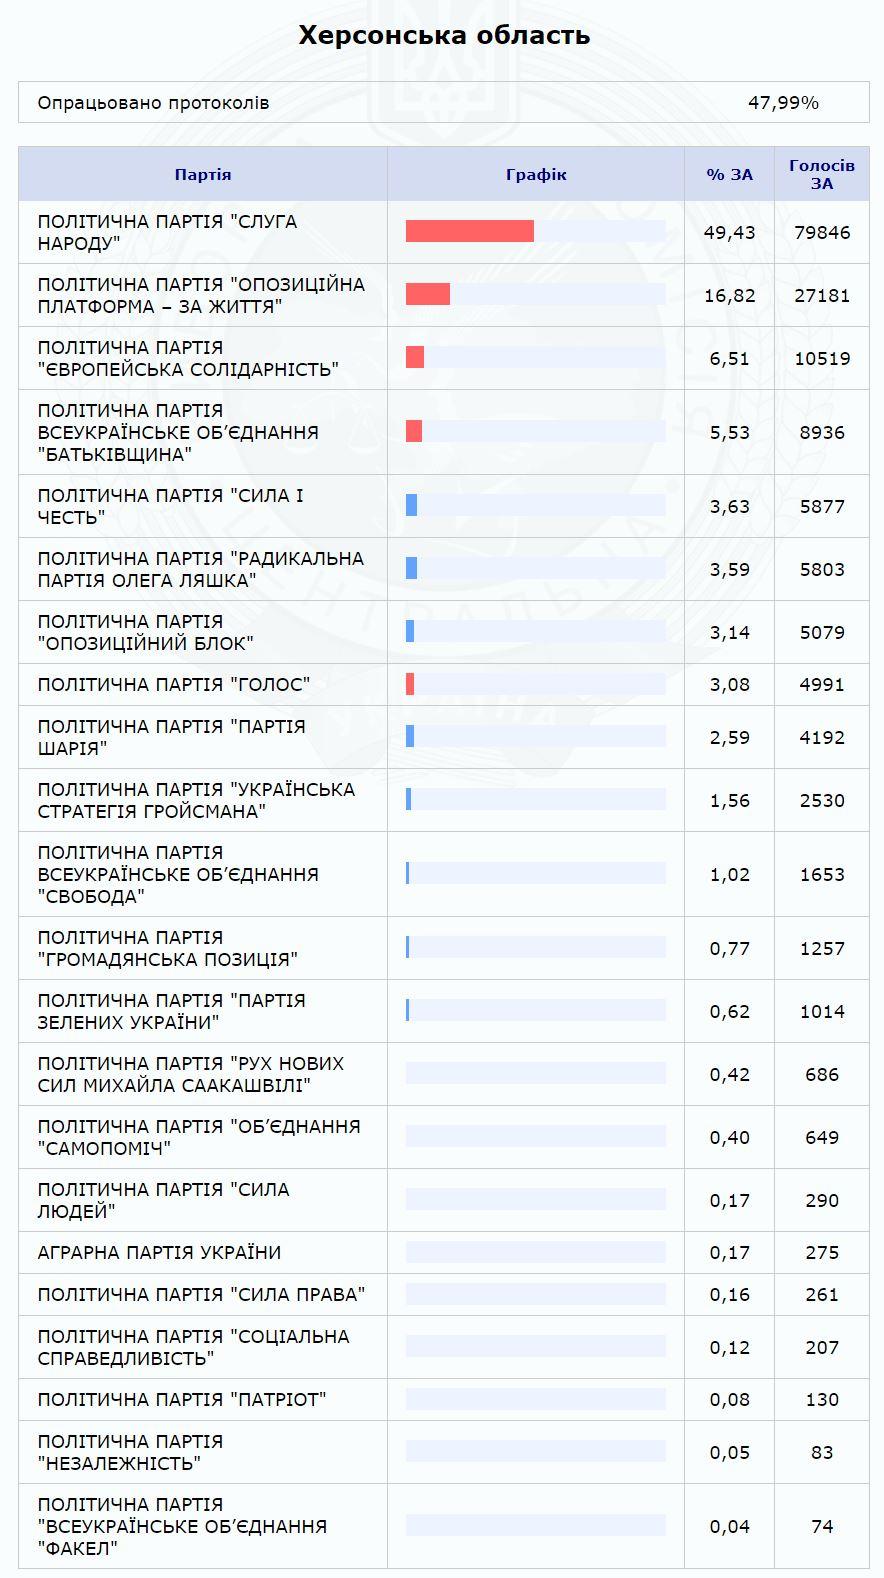 В Херсонской области обработана почти половина протоколов - результаты